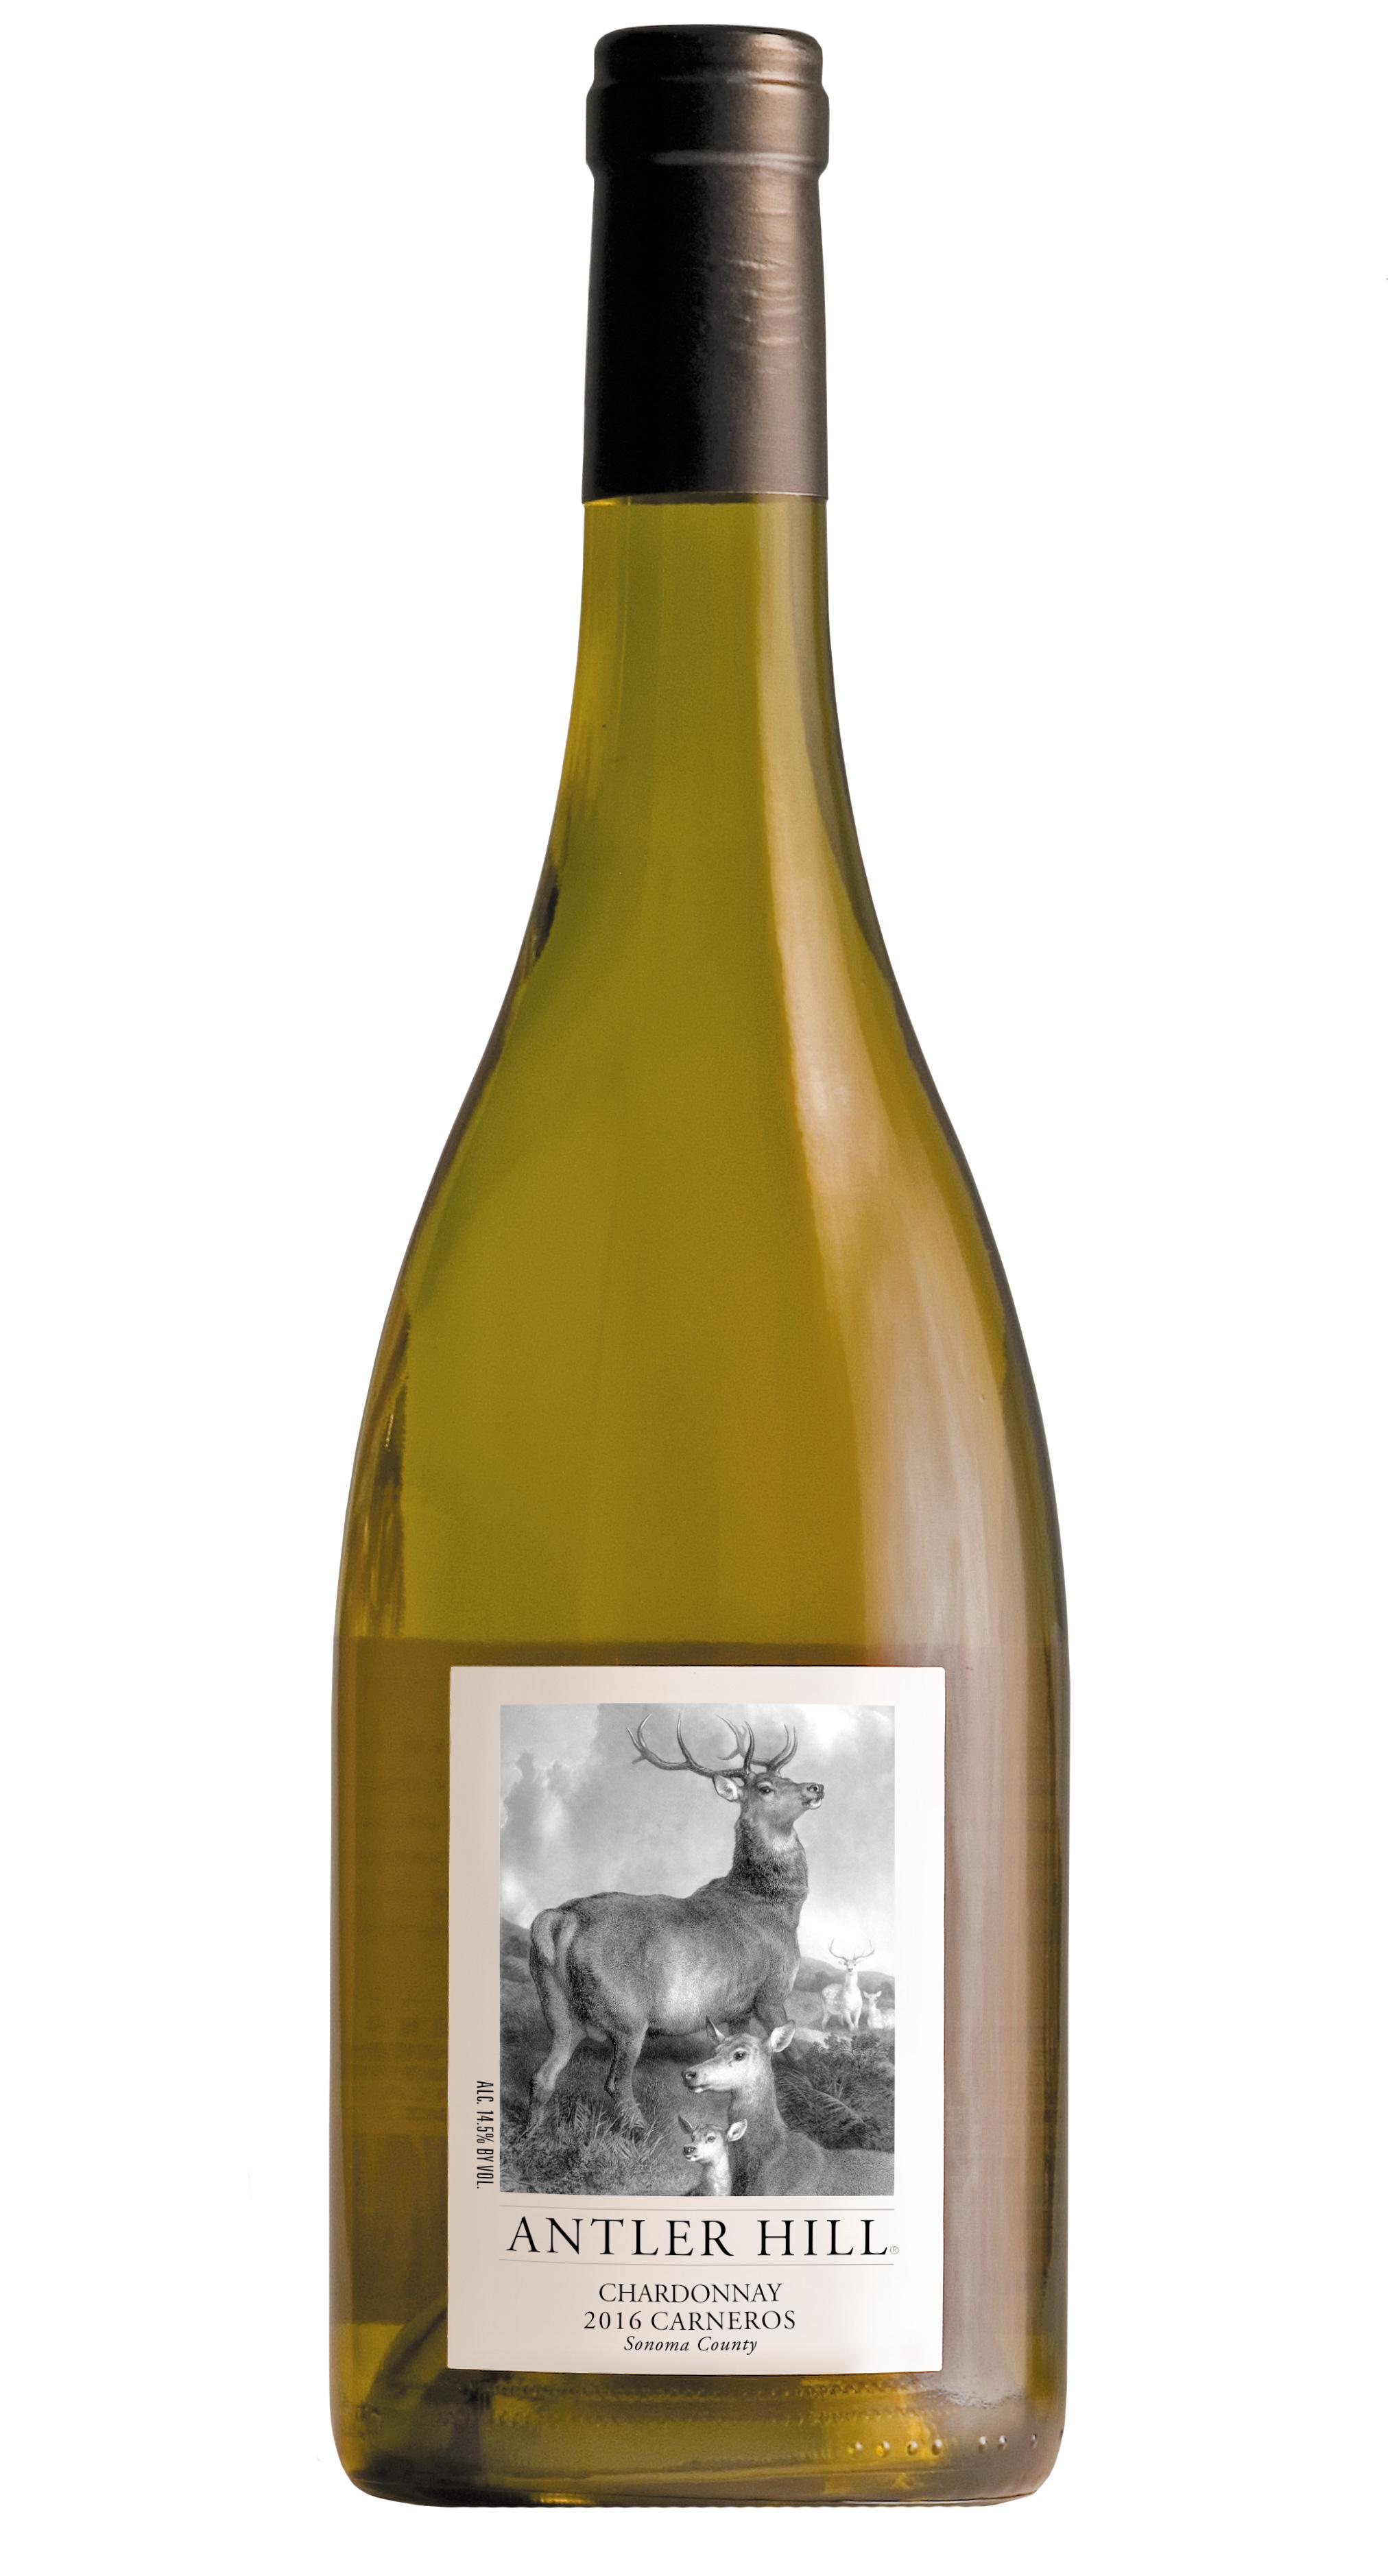 Antler Hill Chardonnay Carneros 2016